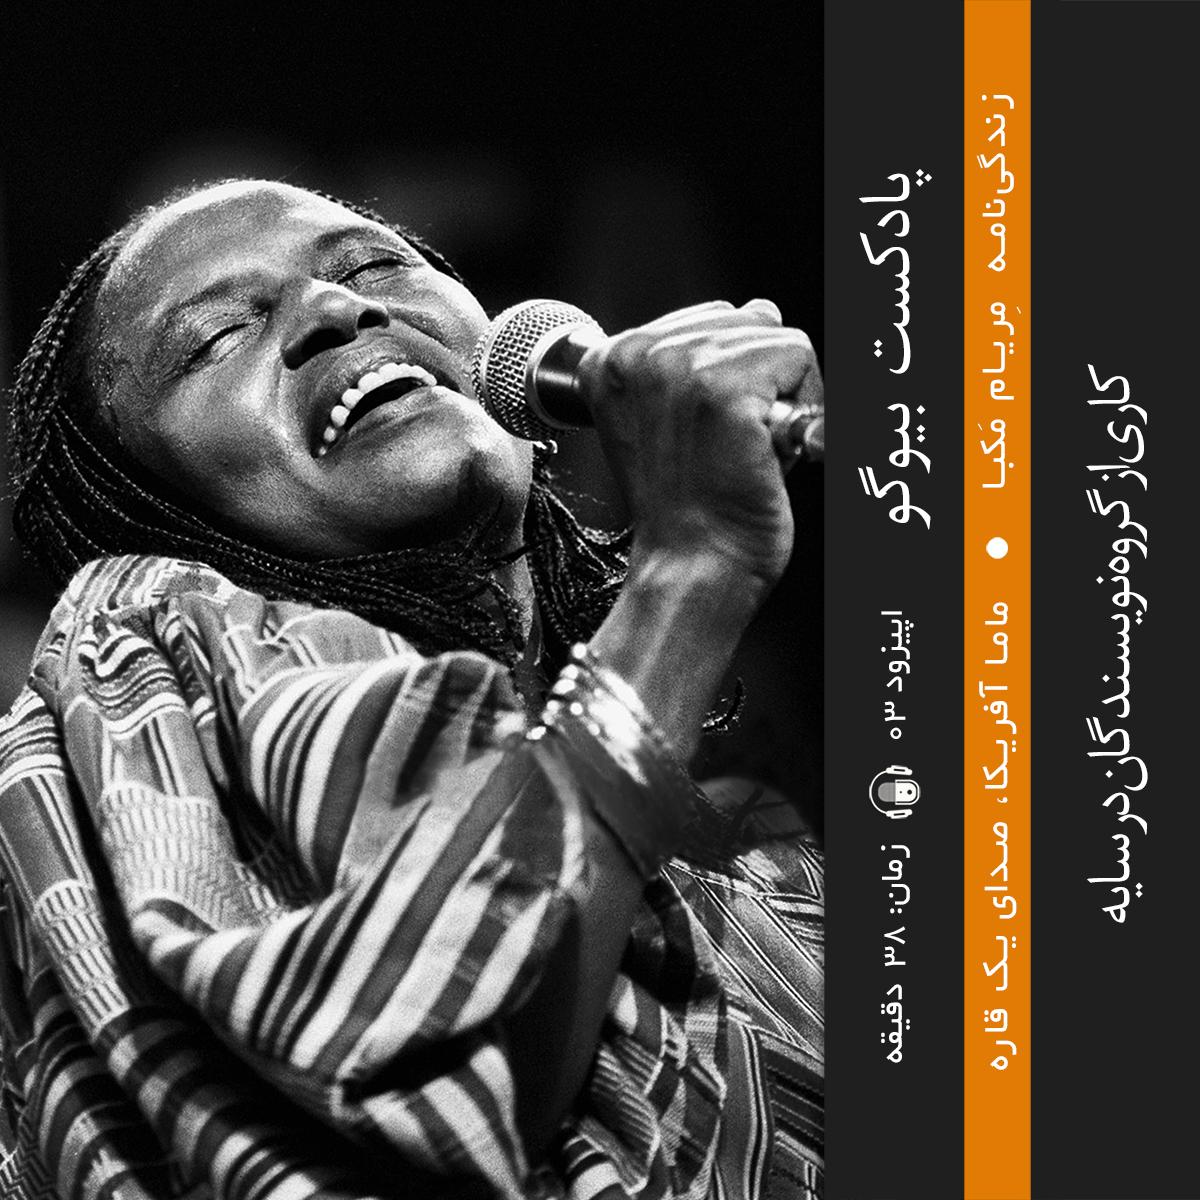 ماما آفریکا، صدای یک قاره |  زندگینامه میریام مکبا